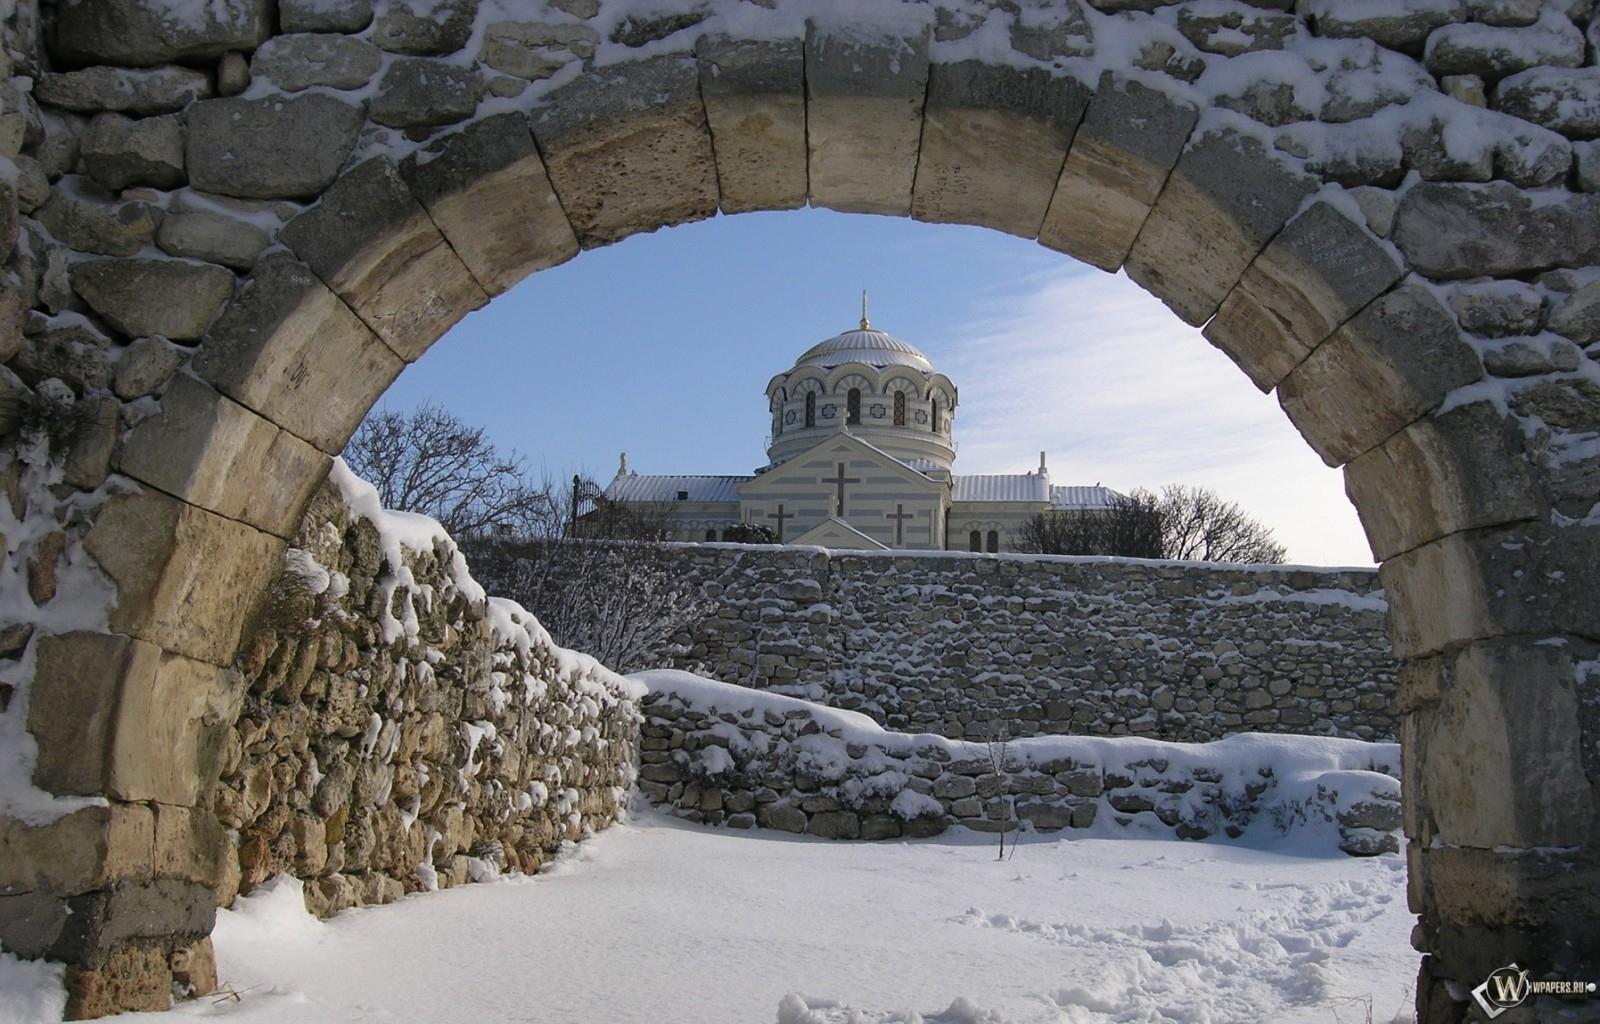 Херсонес храм 1600x1024